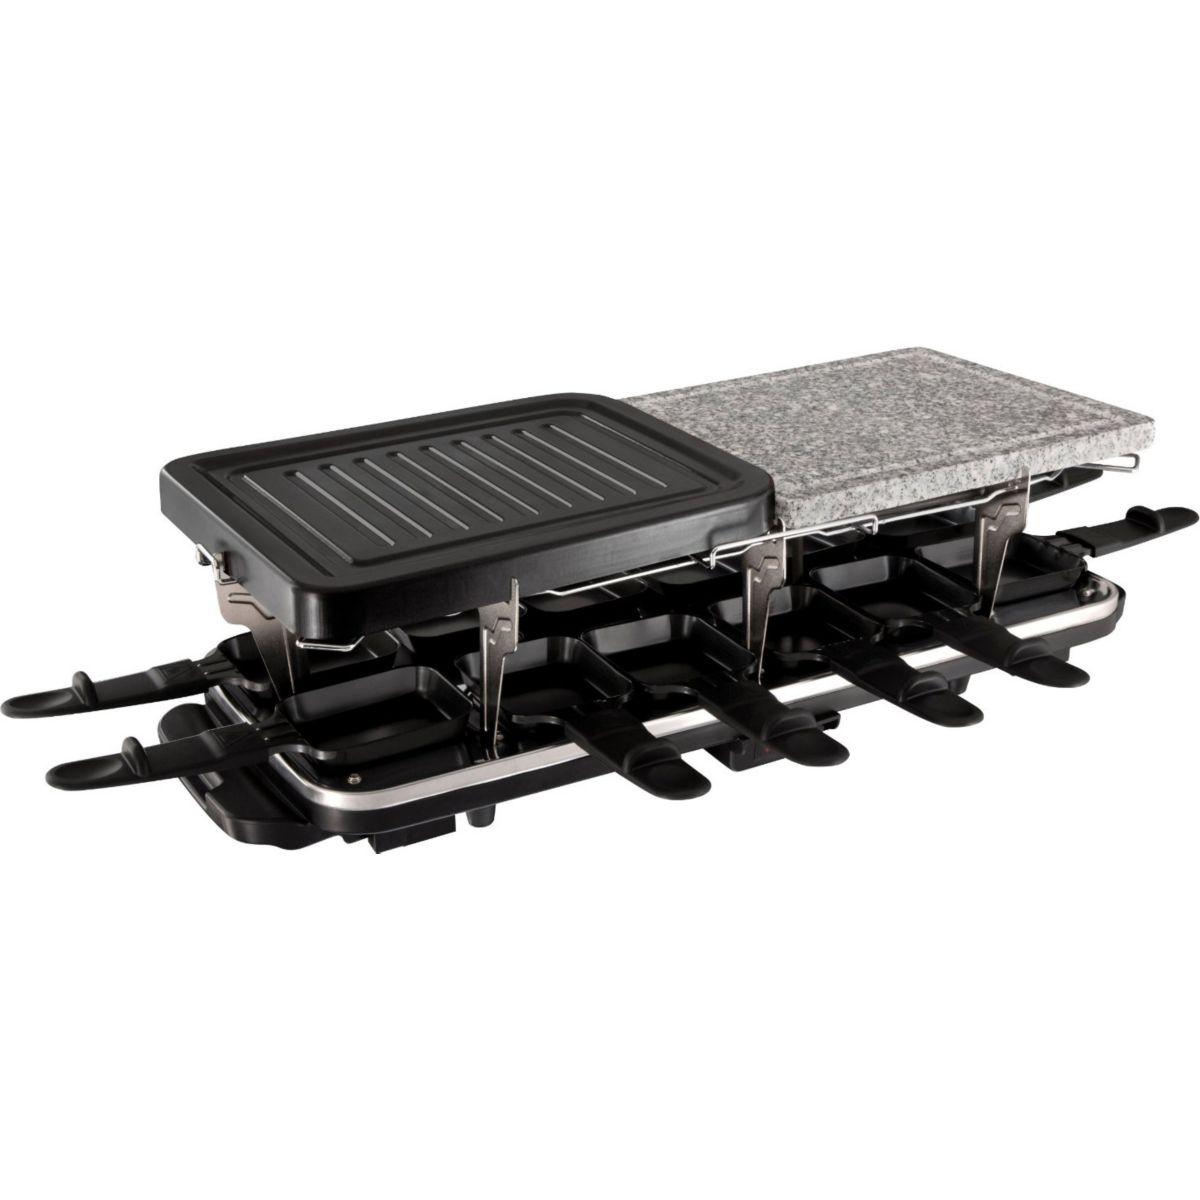 Raclette RUSSELL HOBBS Raclette 12 pers - Multifonction 3 en 1